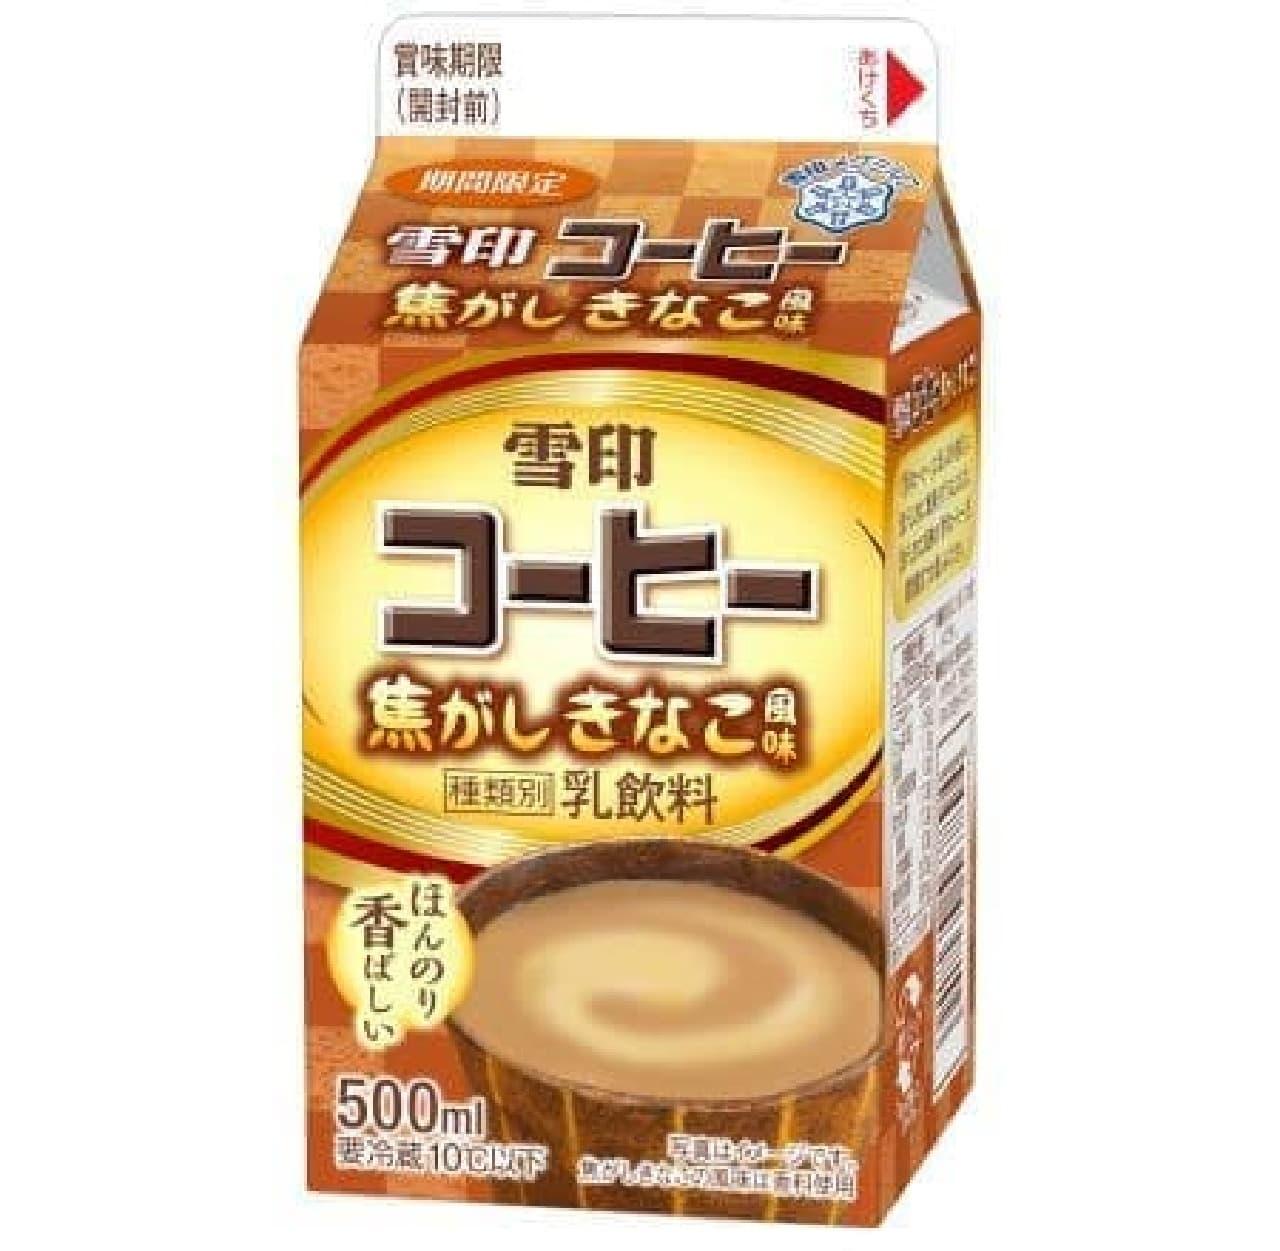 『雪印コーヒー』シリーズから、期間限定フレーバー「焦がしきなこ風味」